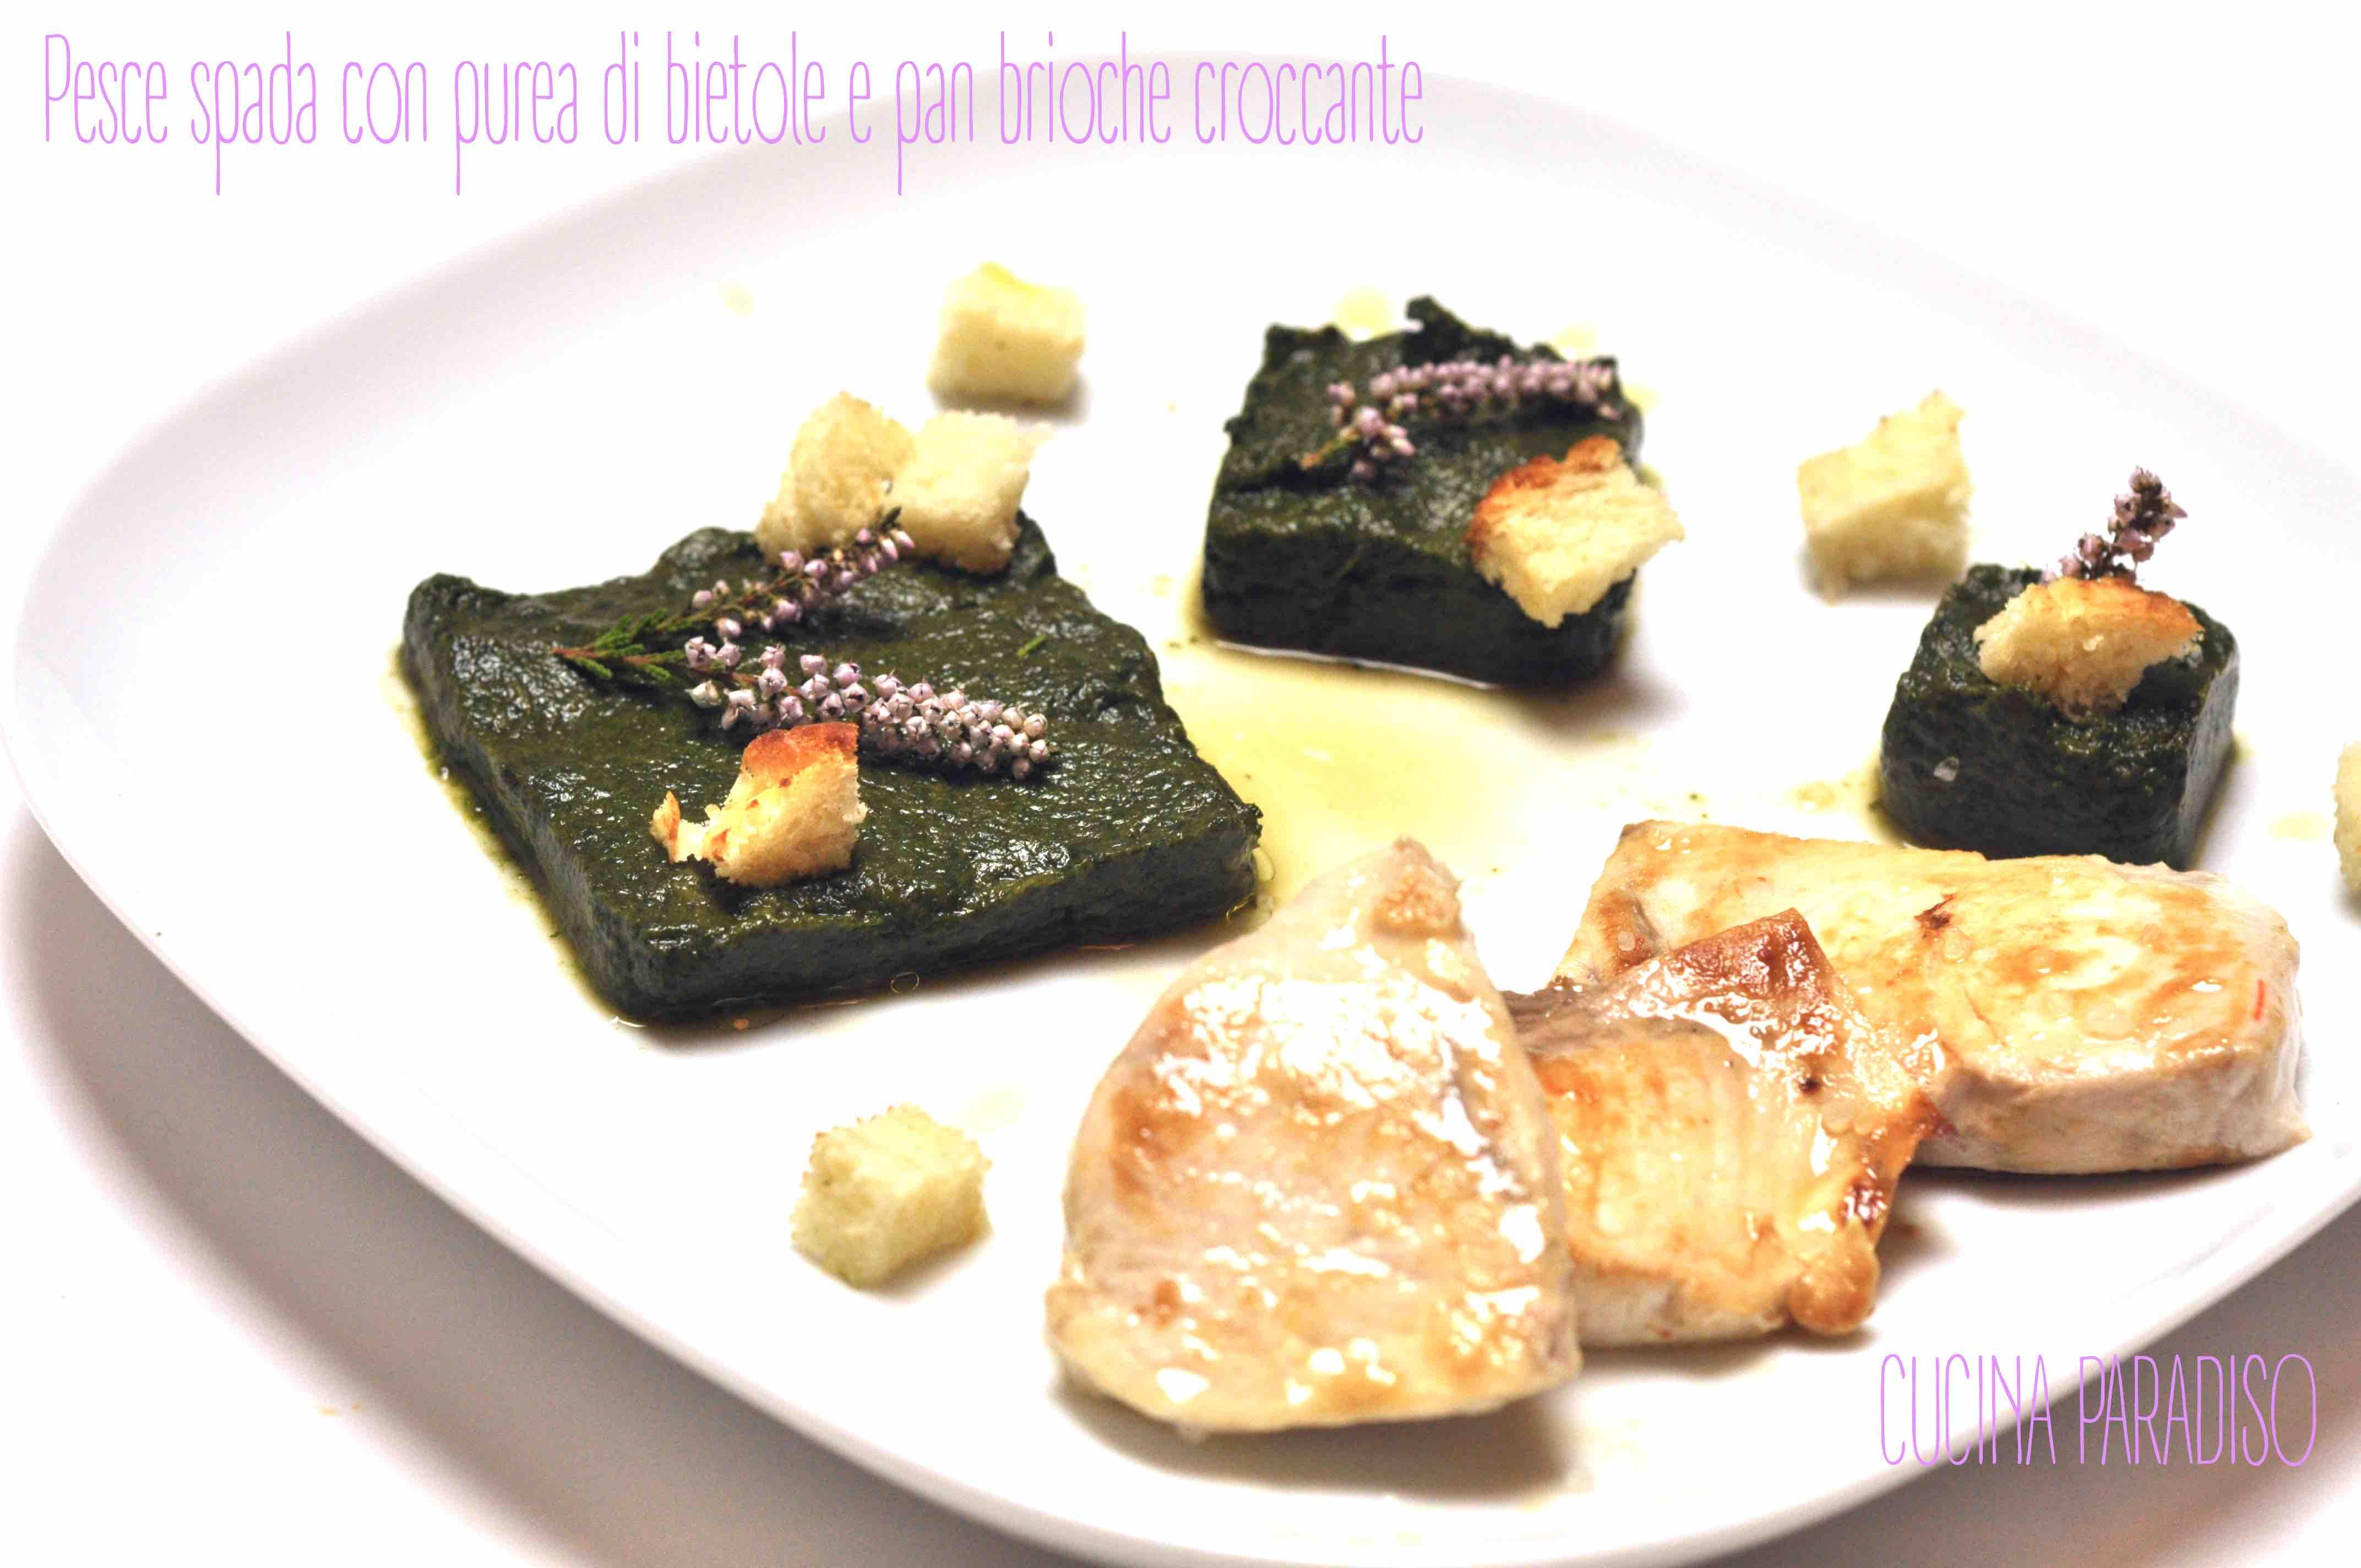 Pesce spada con purea di bietole e pan brioche croccante2